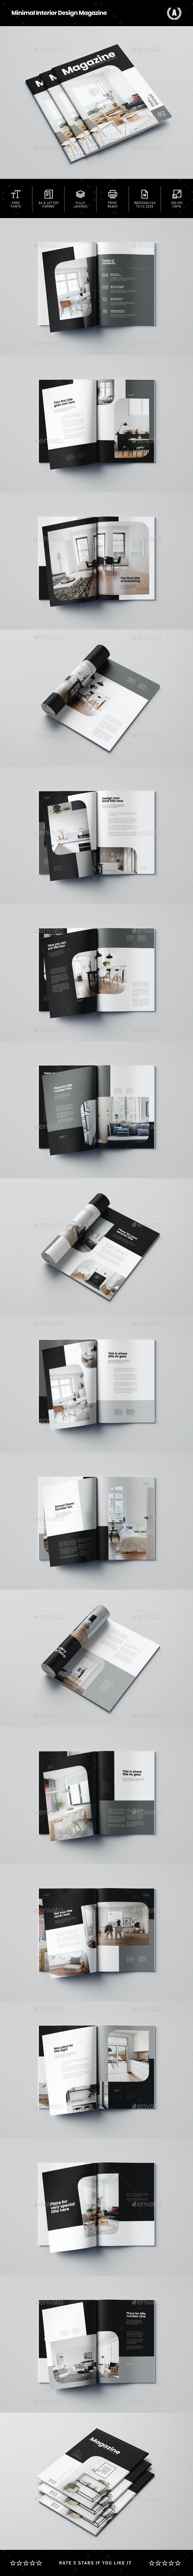 Minimal Interior Design Magazine - Magazines Print Templates